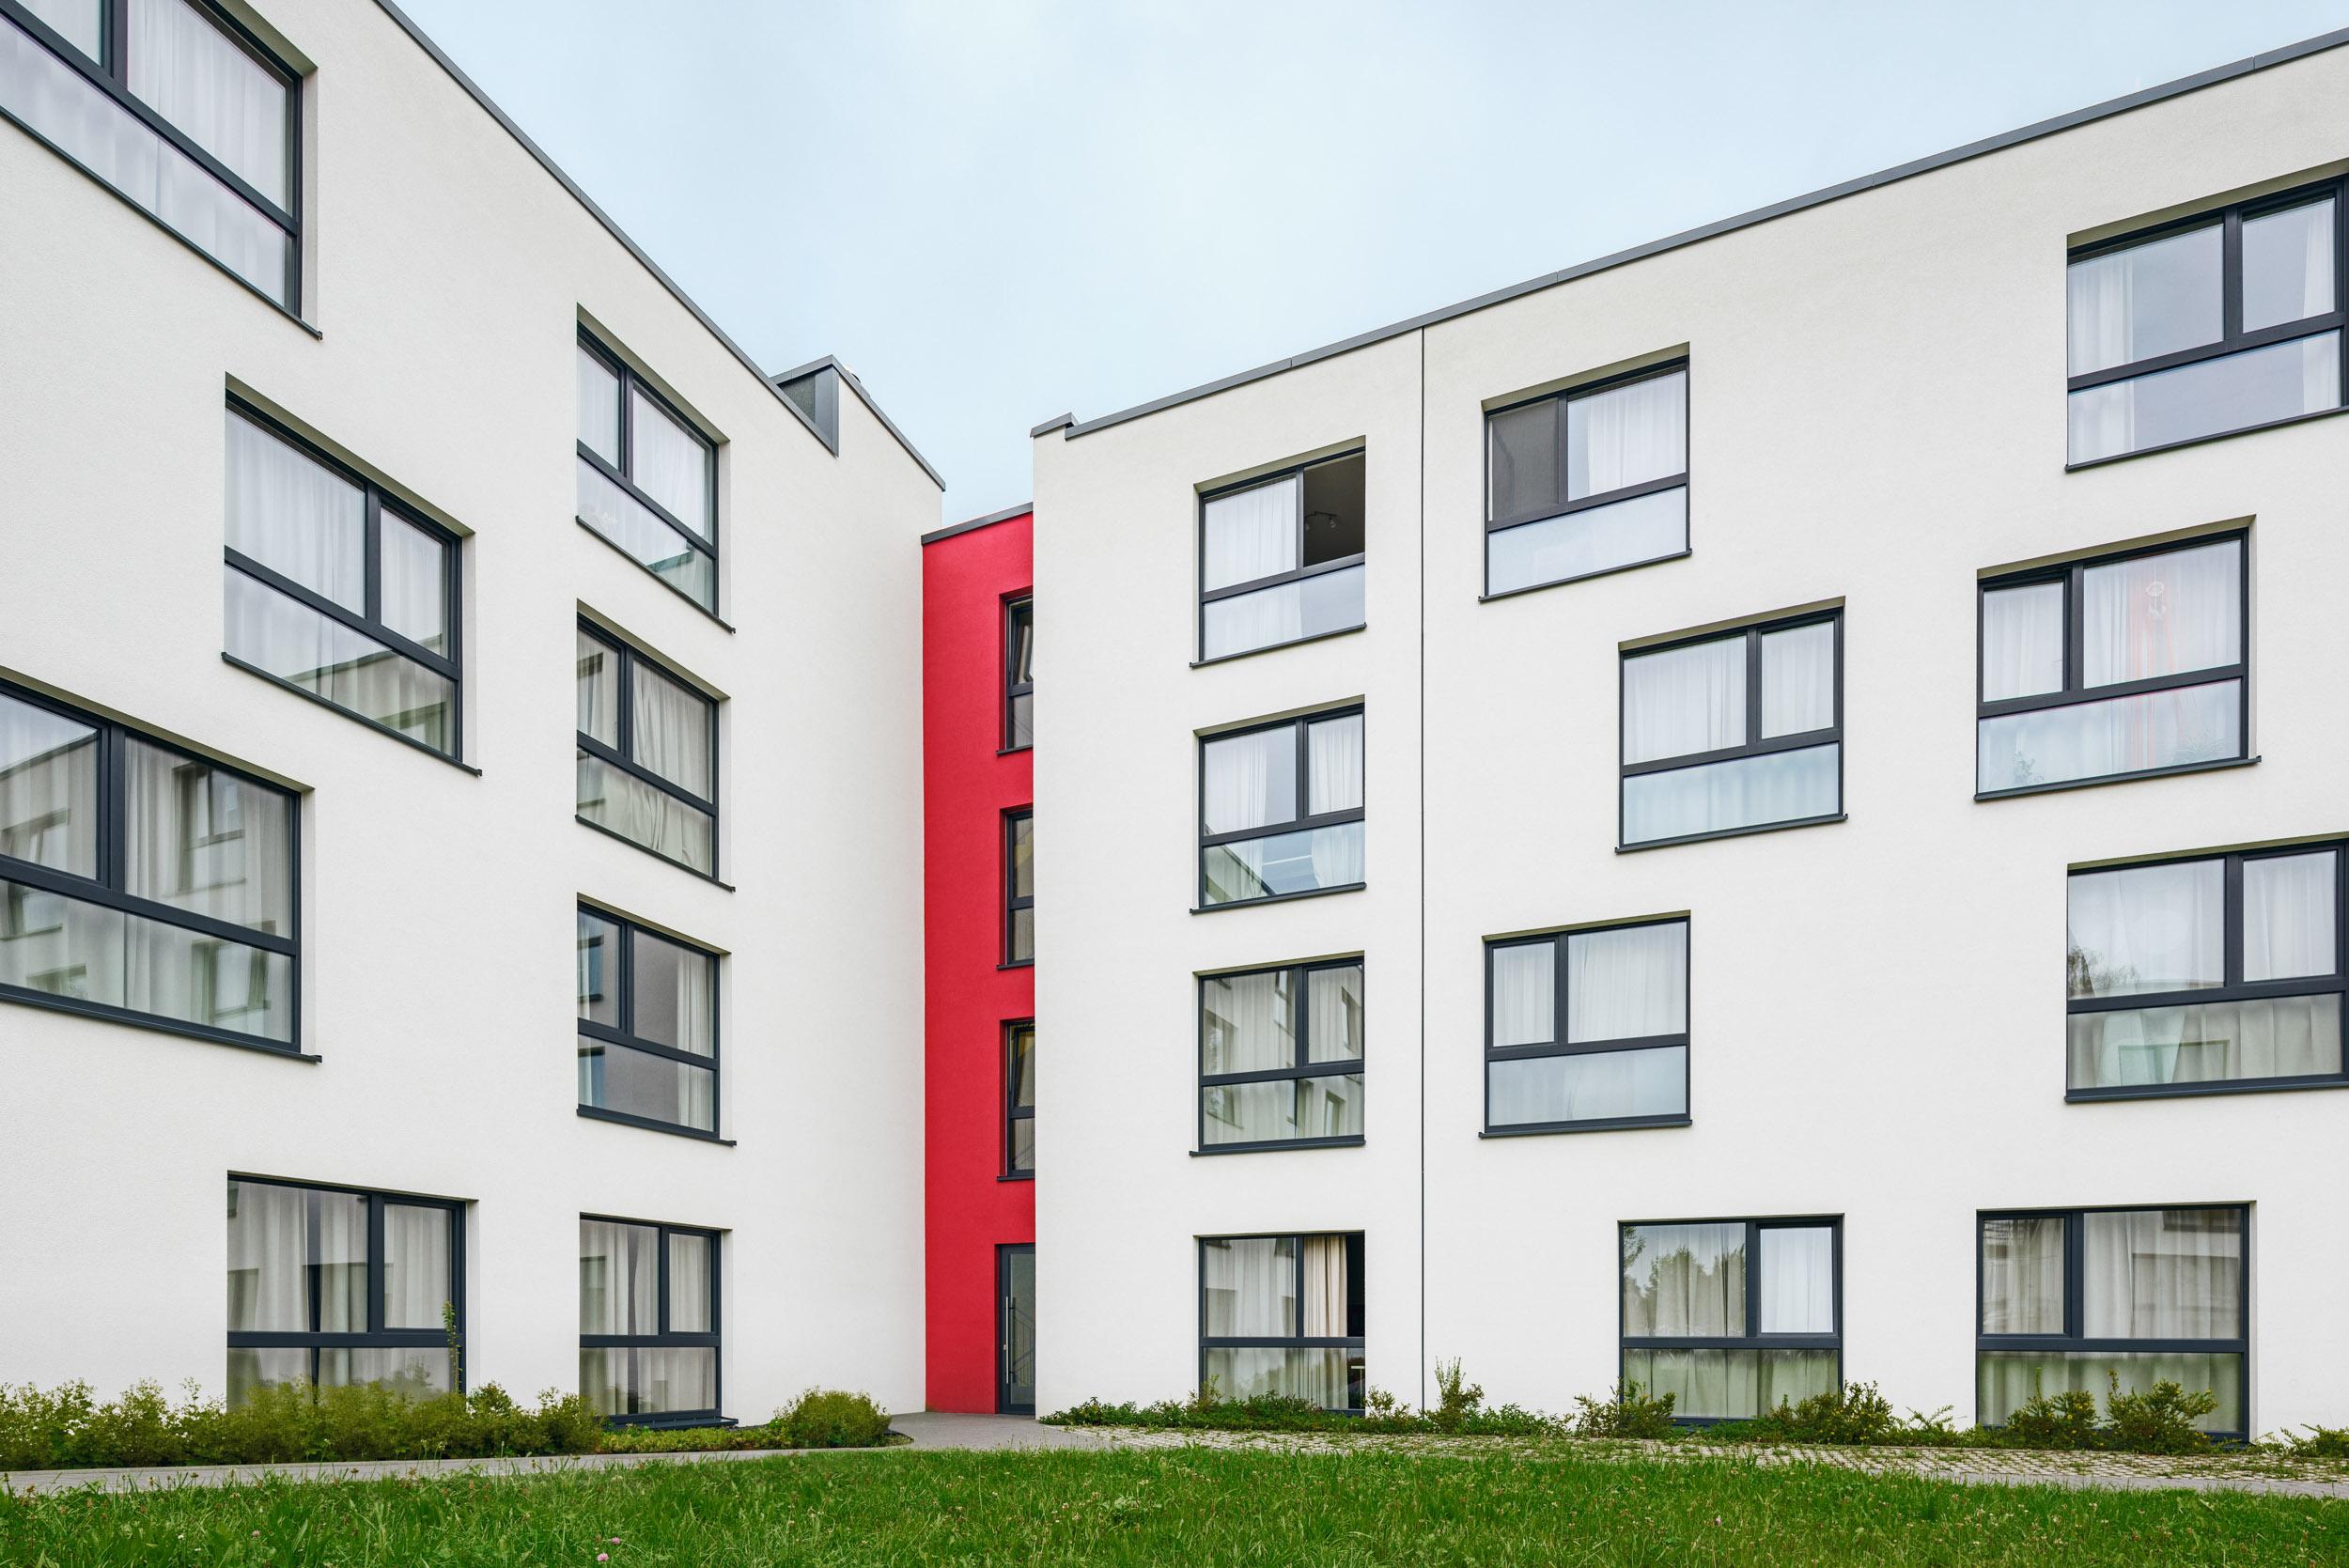 Gustav-Epple-Bauunternehmung-bayreuth-studentenwohnheim-youniq-Bayreuth_MLX5581#00